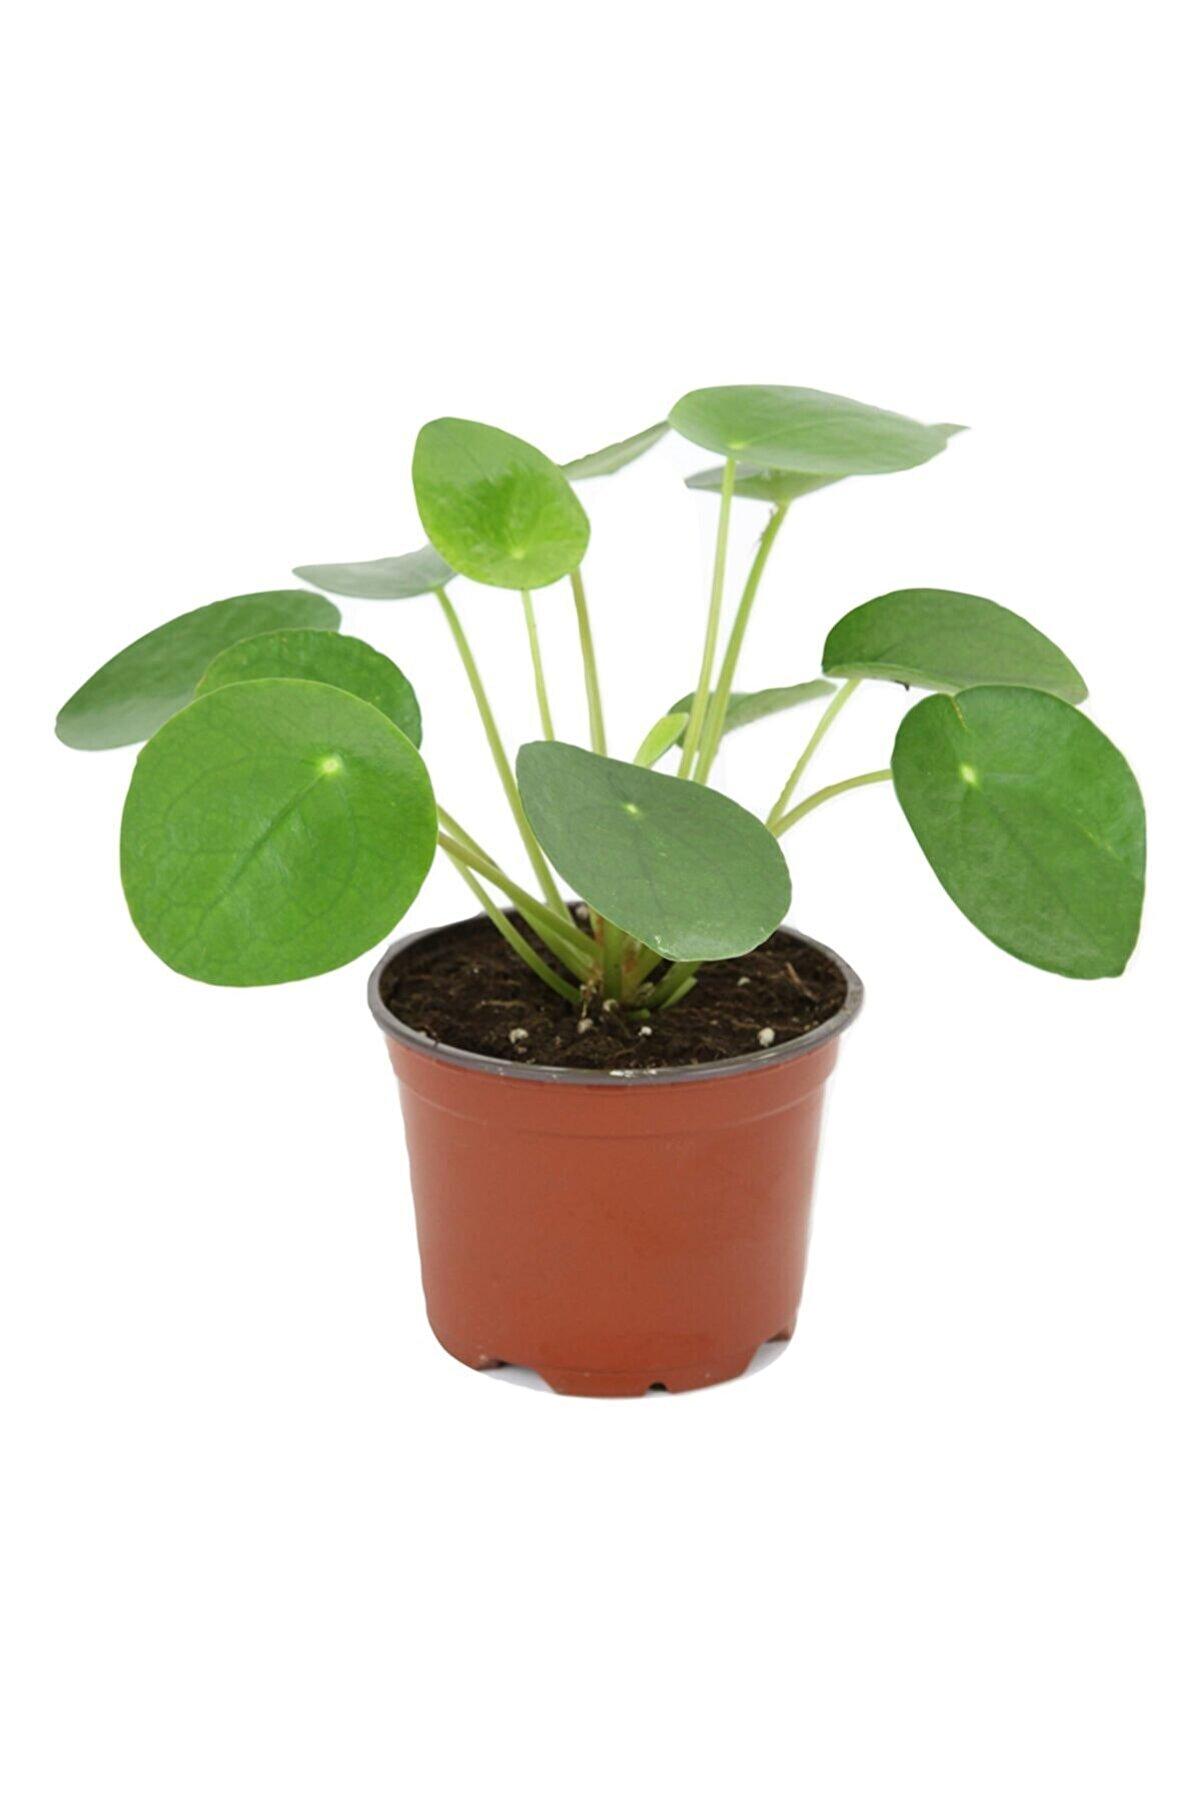 Cemre Garden Pilea Peperomioides - Çin Para Ağacı - Ev Ofis Salon Iç Mekan Bitkisi - Saksı Çapı 6 Cm